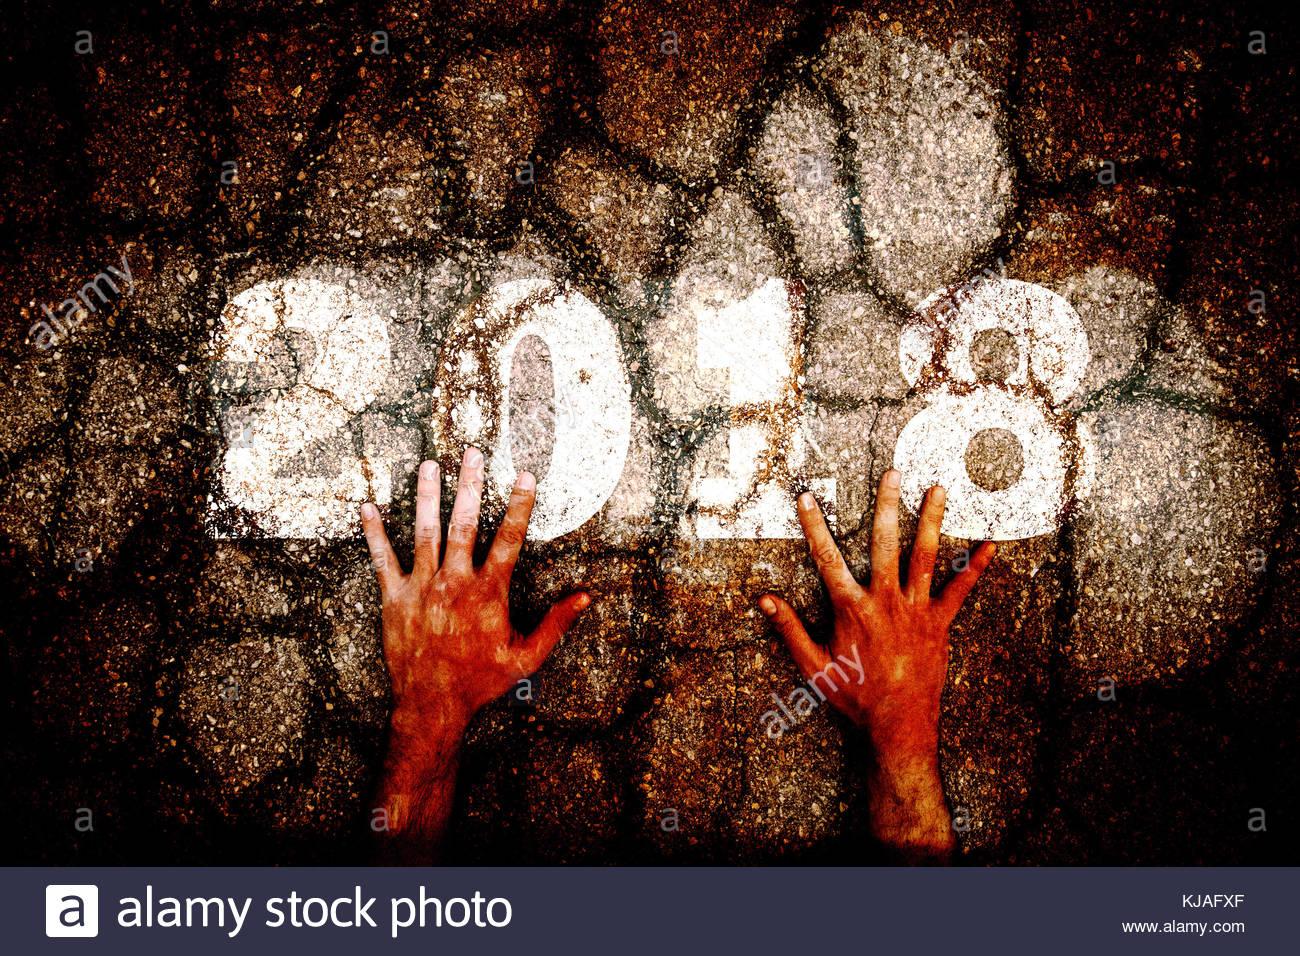 Nahaufnahmen der Hände des Menschen auf Dark grunge Risse im Asphalt Stock mit Jahr 2018 Anzahl gemalt. Stockbild